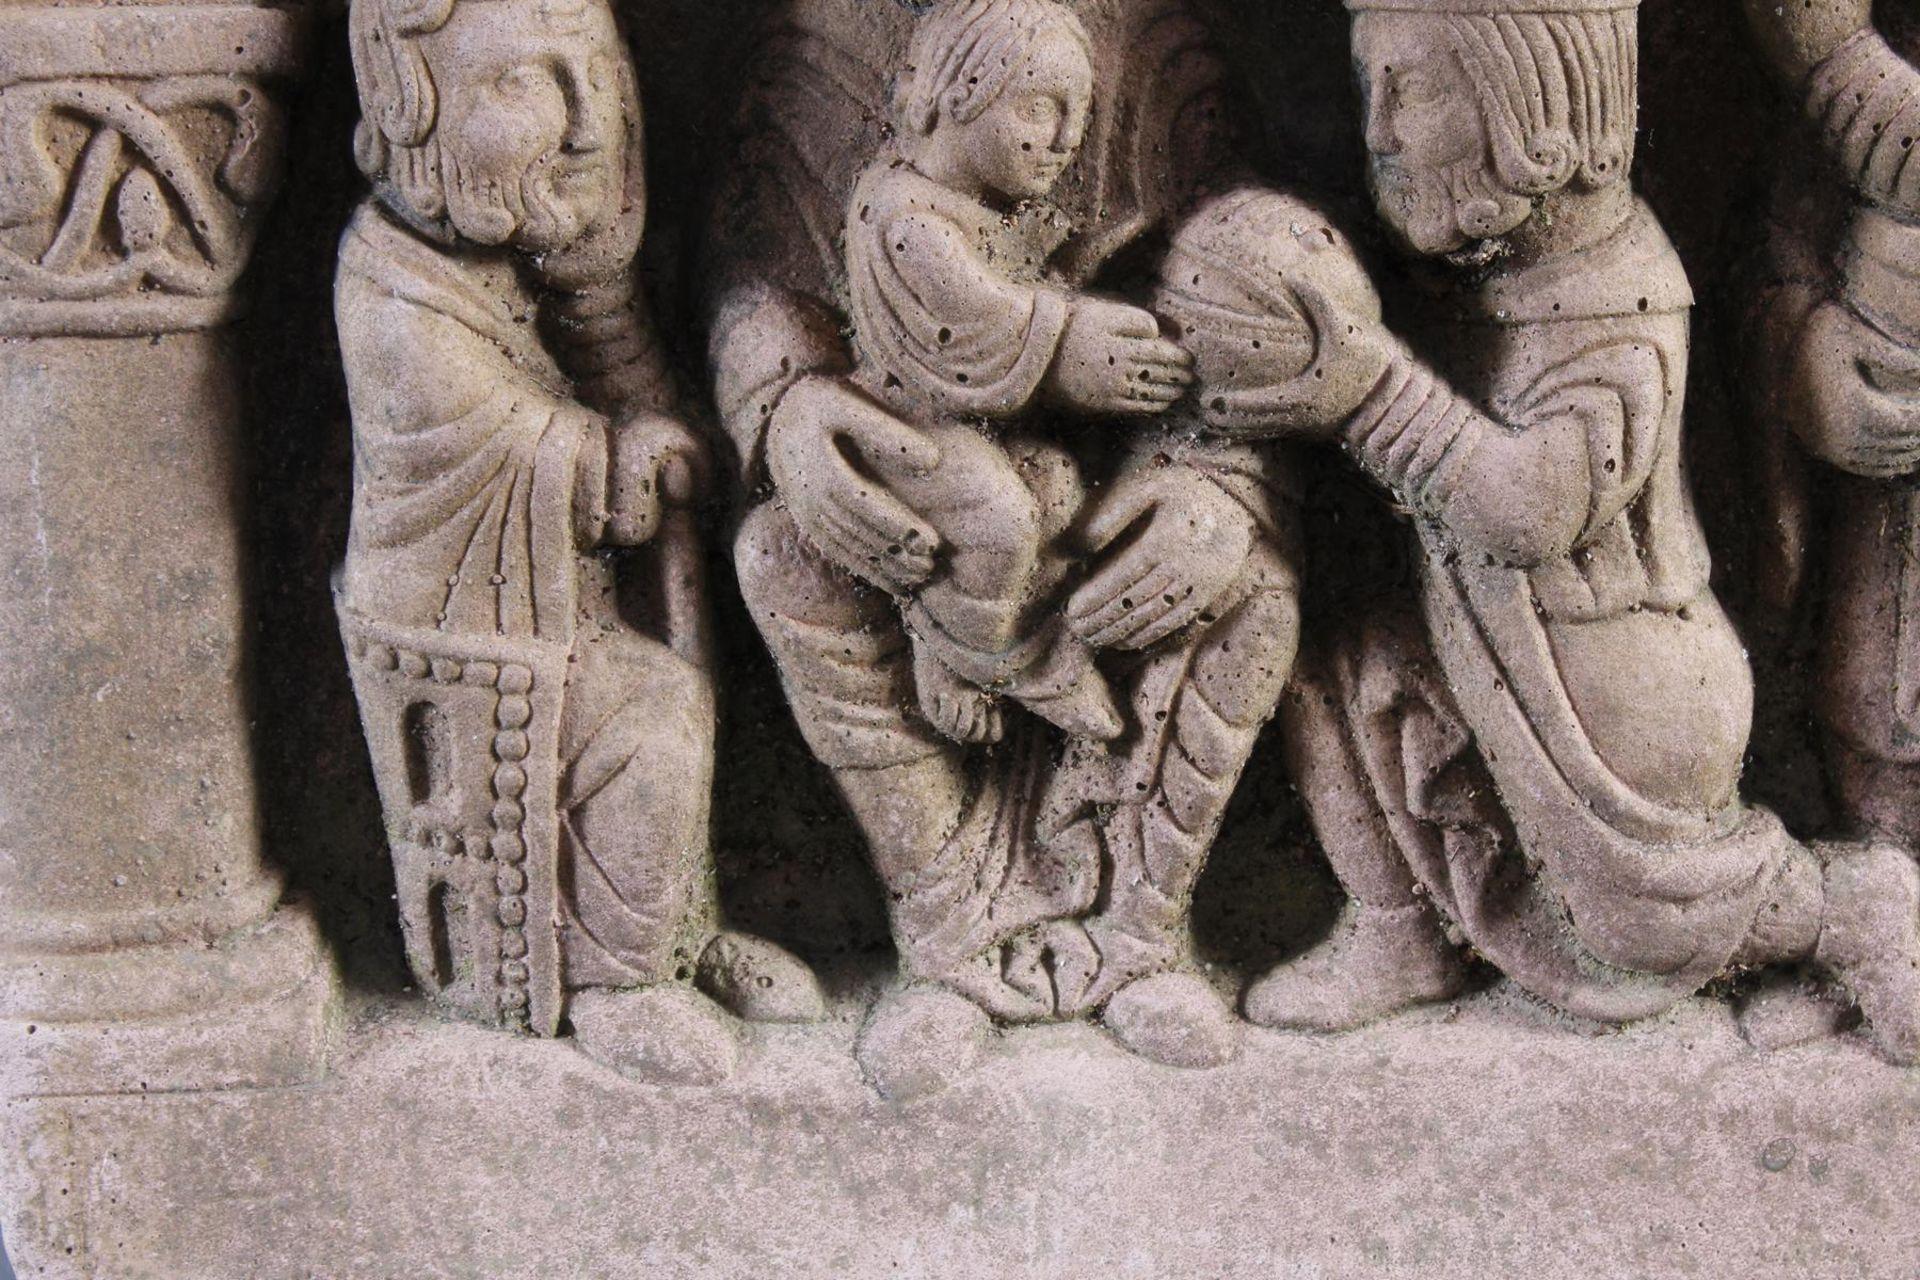 Sandstein Gussrelief - Bild 6 aus 10